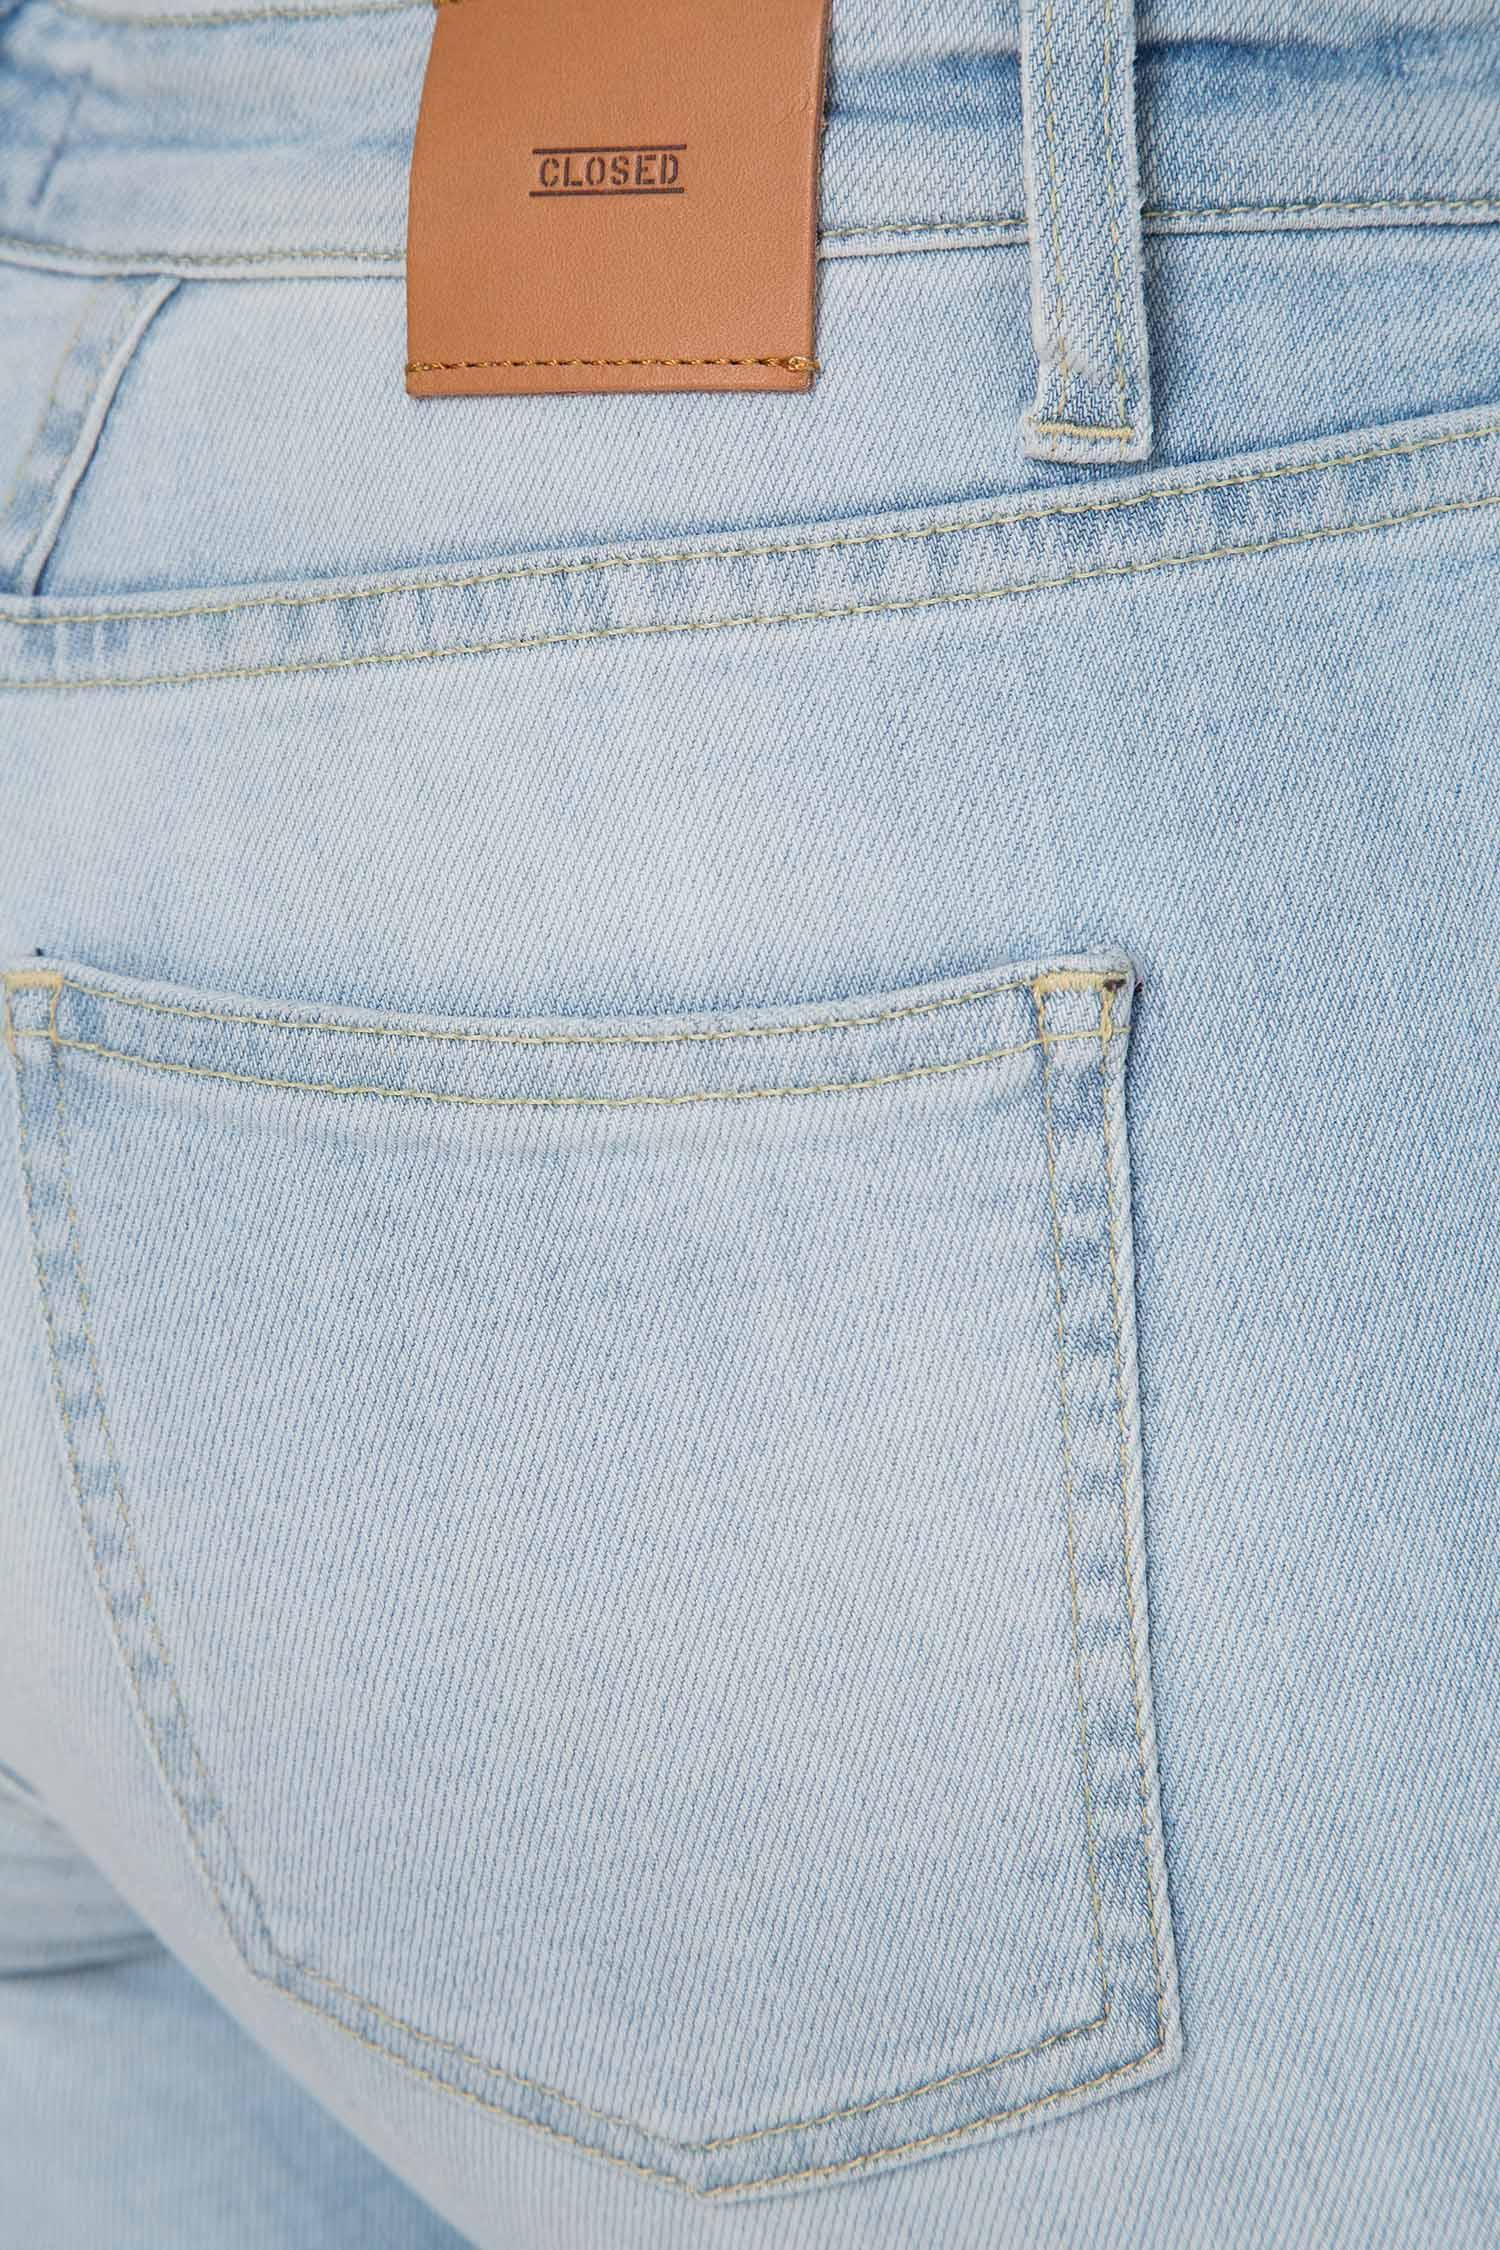 Купить Женские голубые джинсы LIZZY Closed Closed C91099-006-NK – Киев, Украина. Цены в интернет магазине MD Fashion